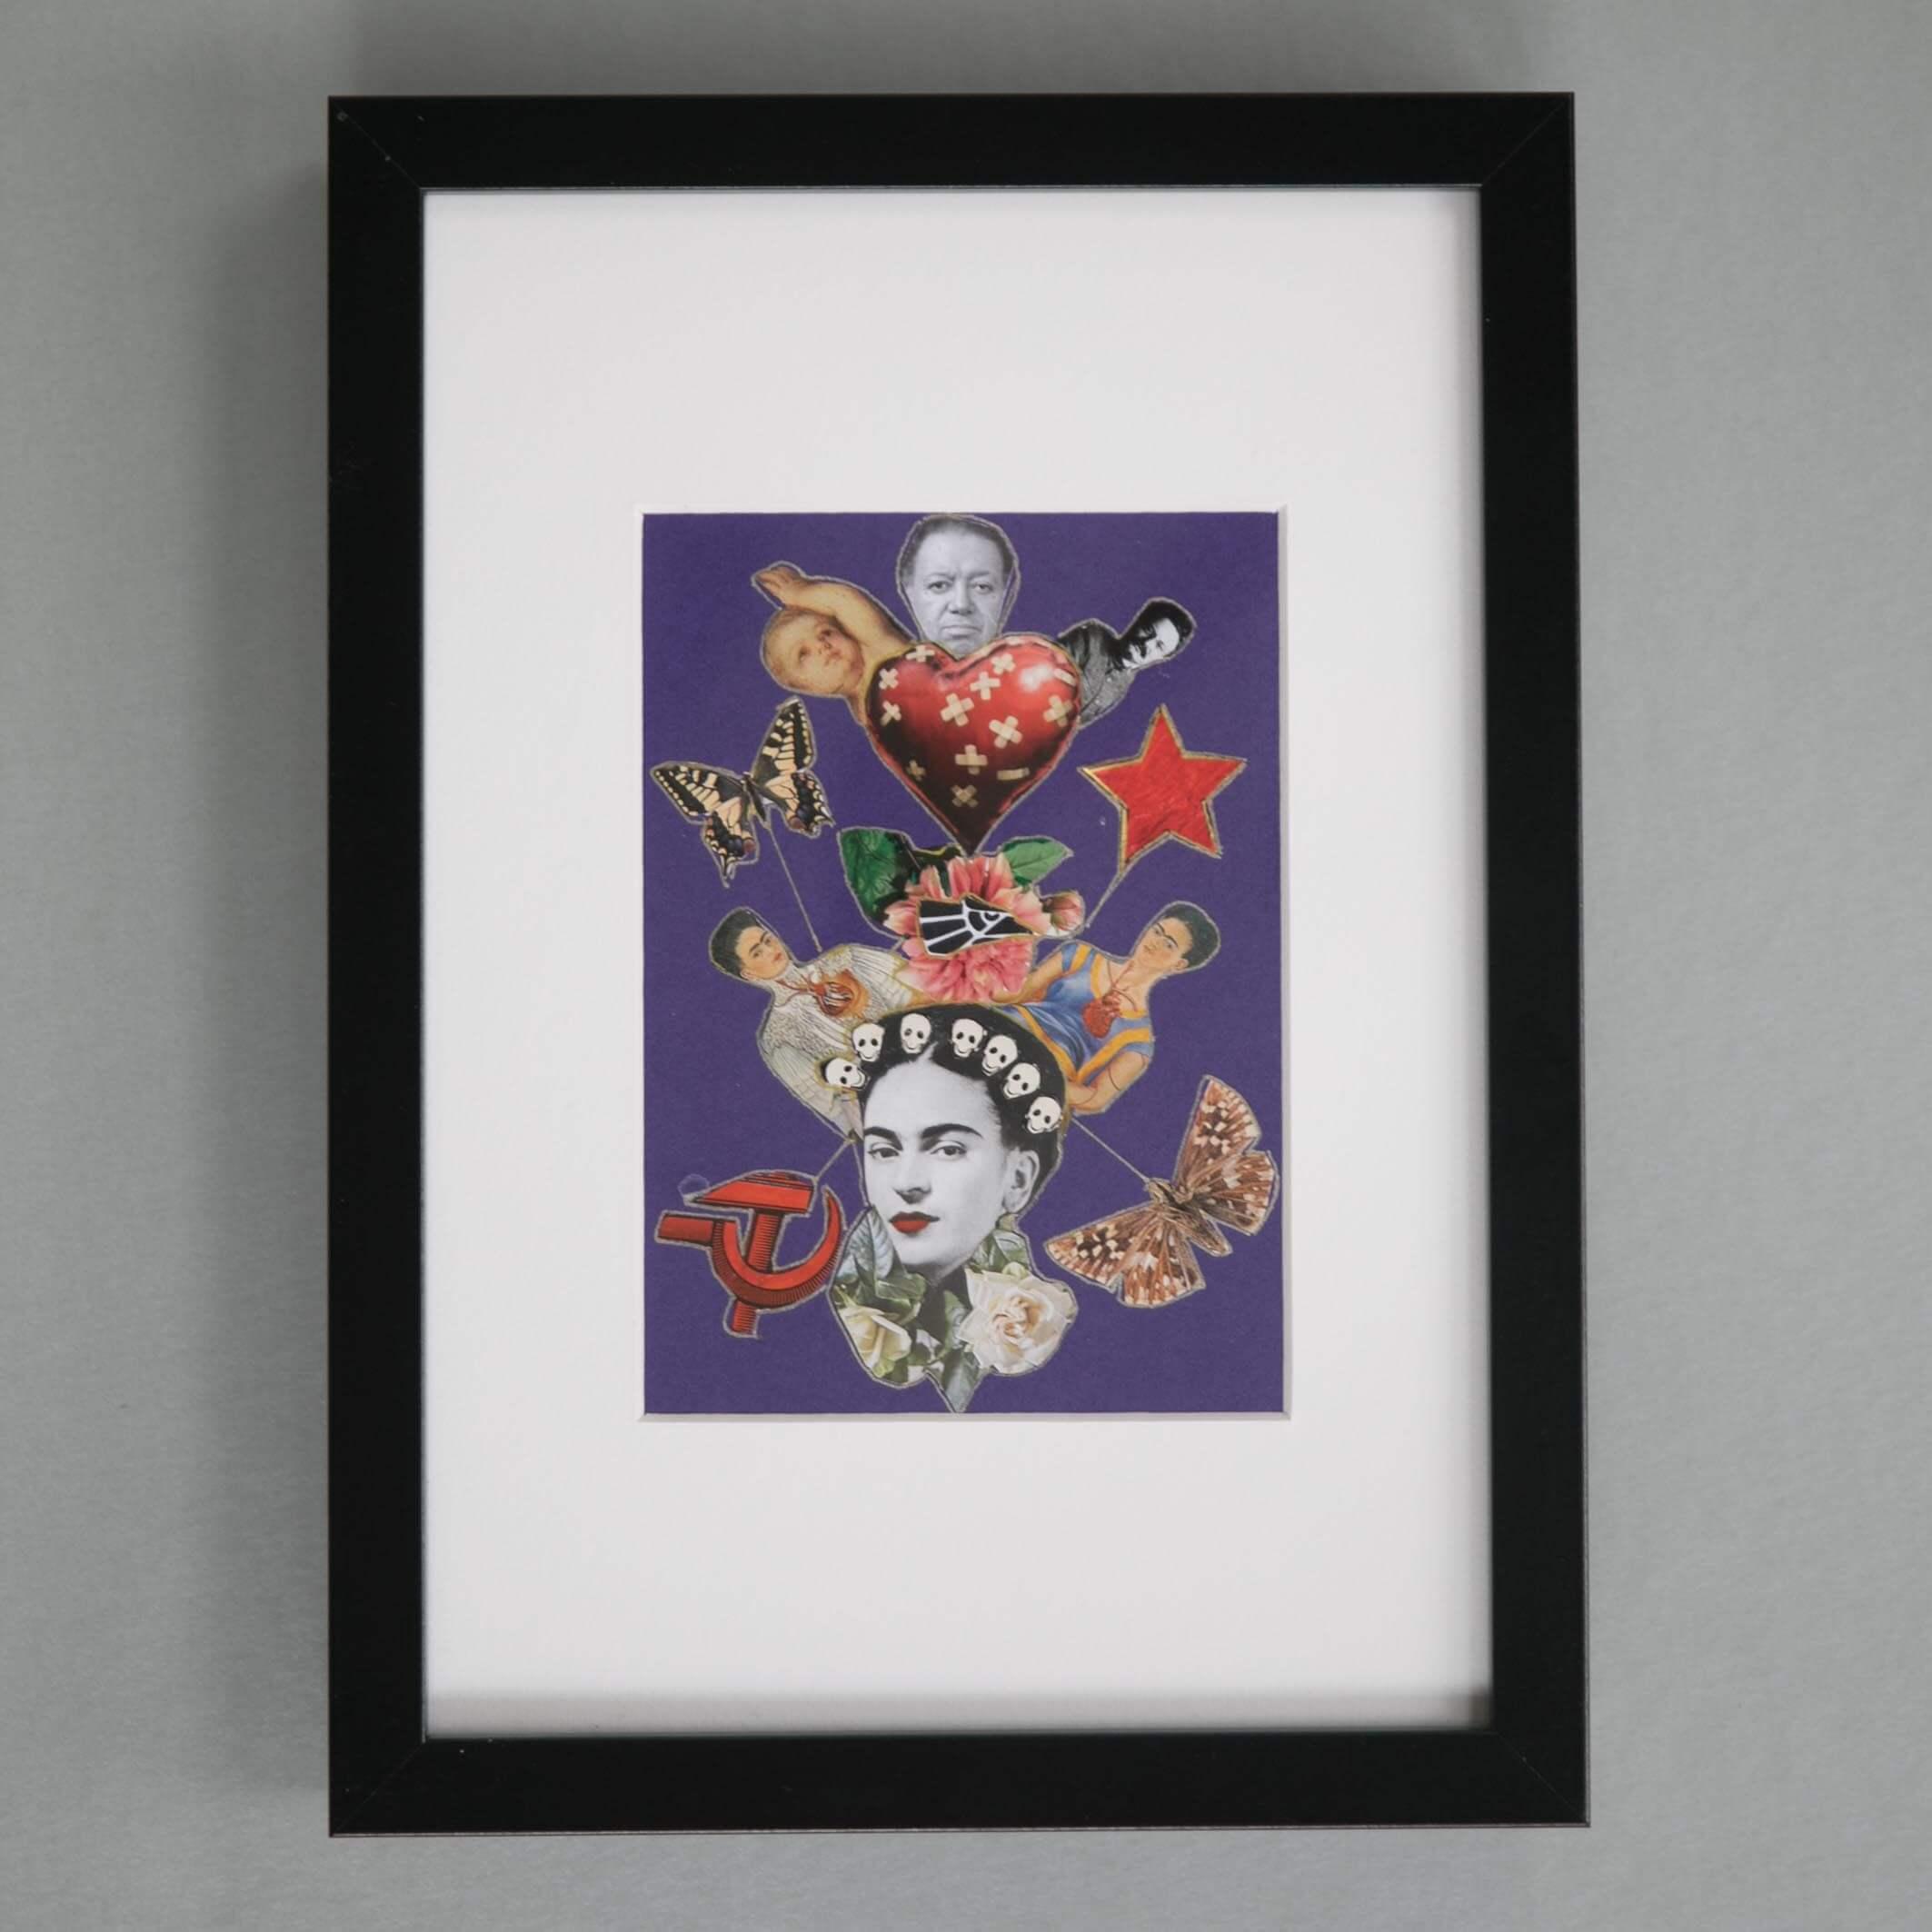 N58A9180 - Frida's Hat by Celia Martin